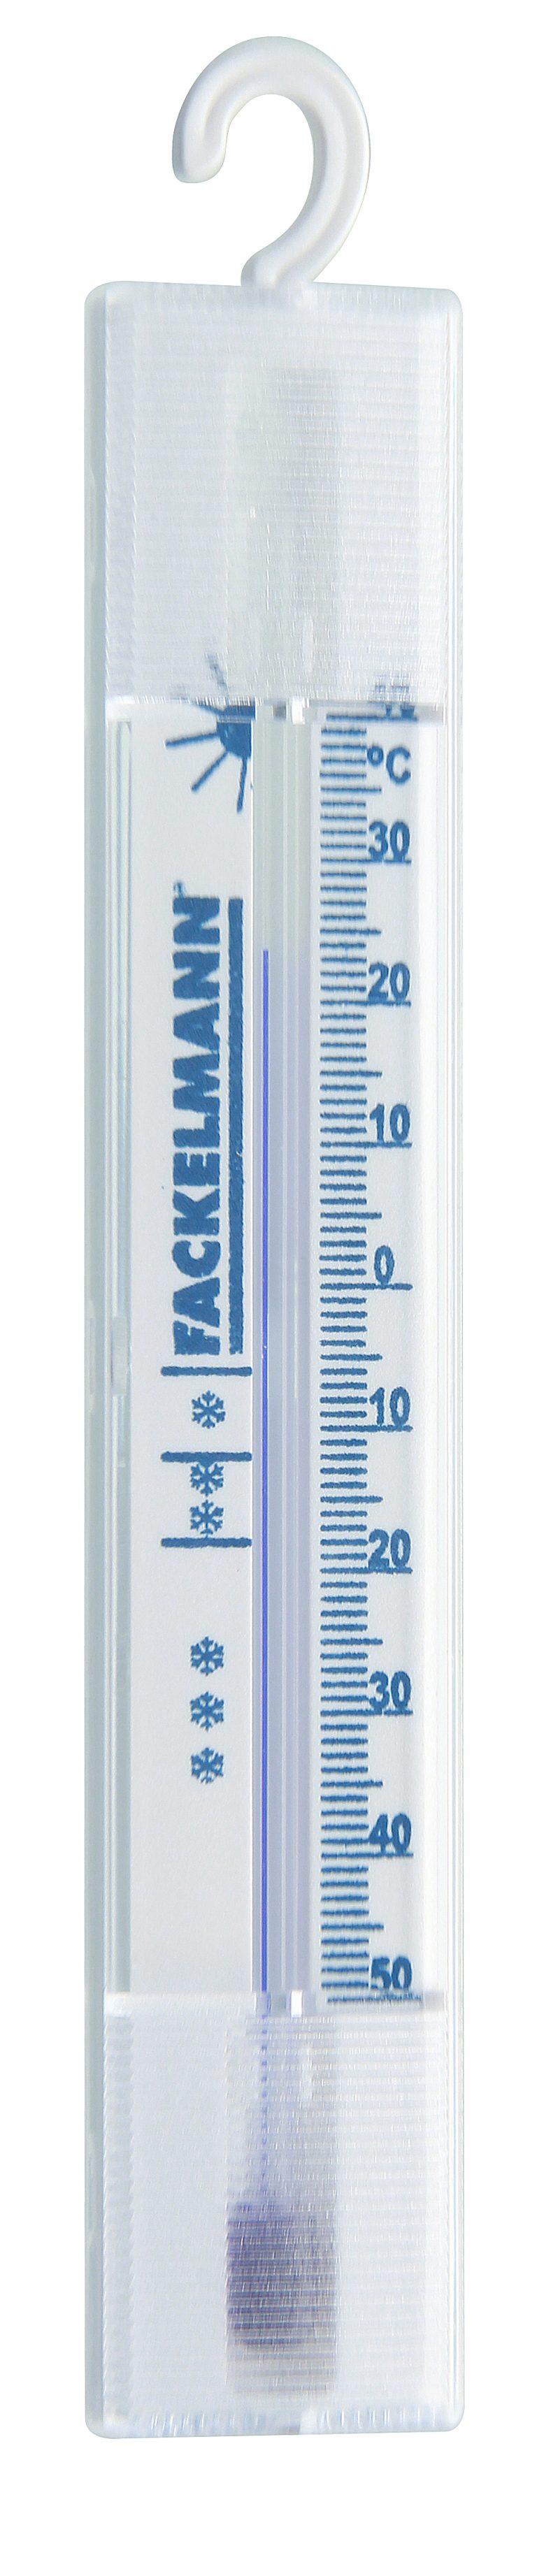 Kühltruhenthermometer